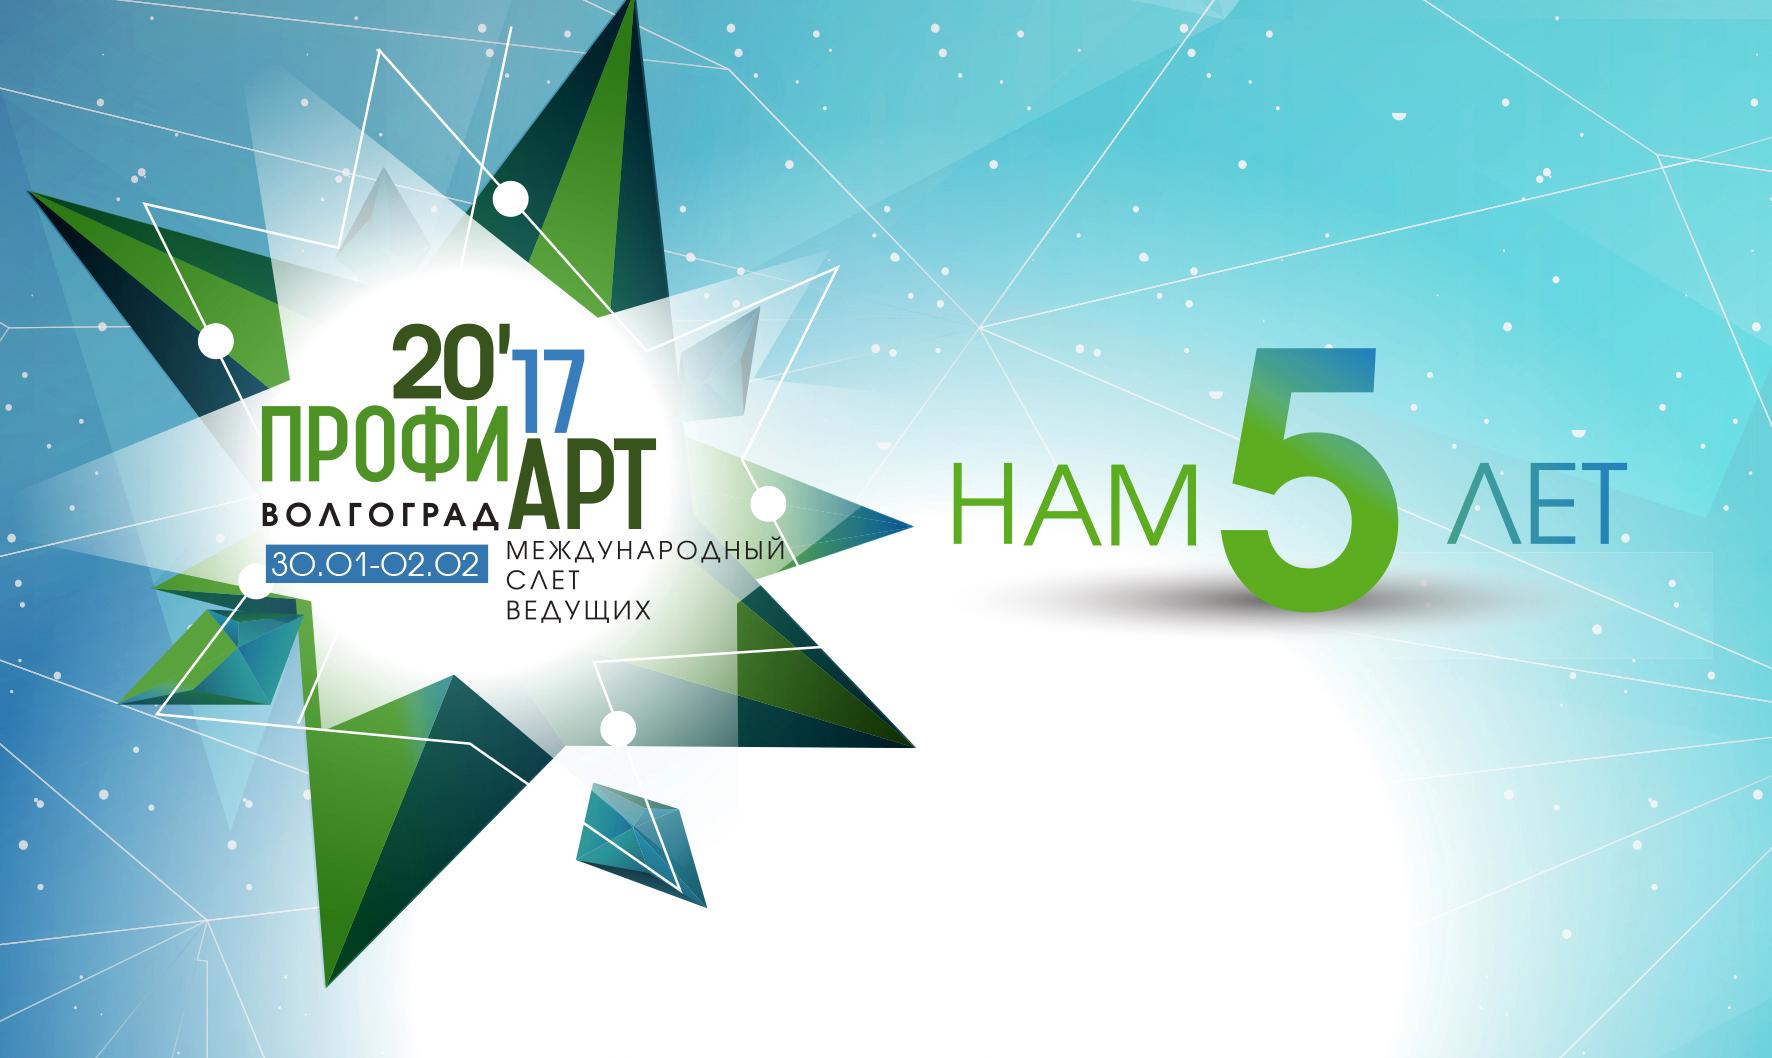 Пятый международный слет ведущих ПрофиАРТ - лучшее мероприятие Волгограда!